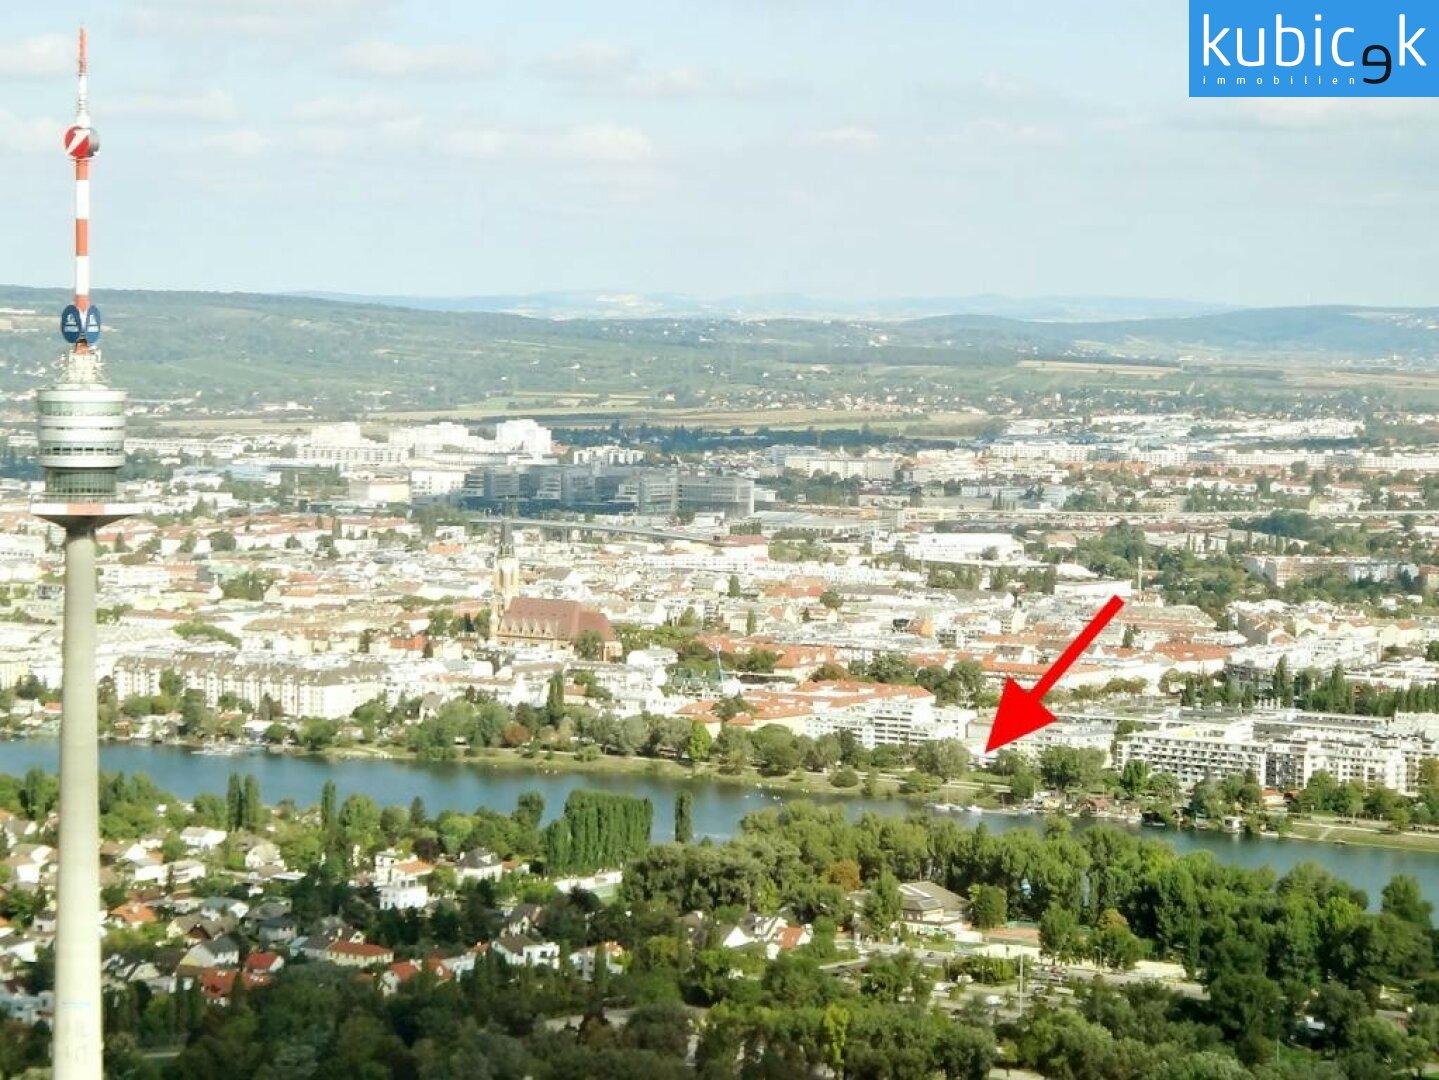 Lage - Alte Donau